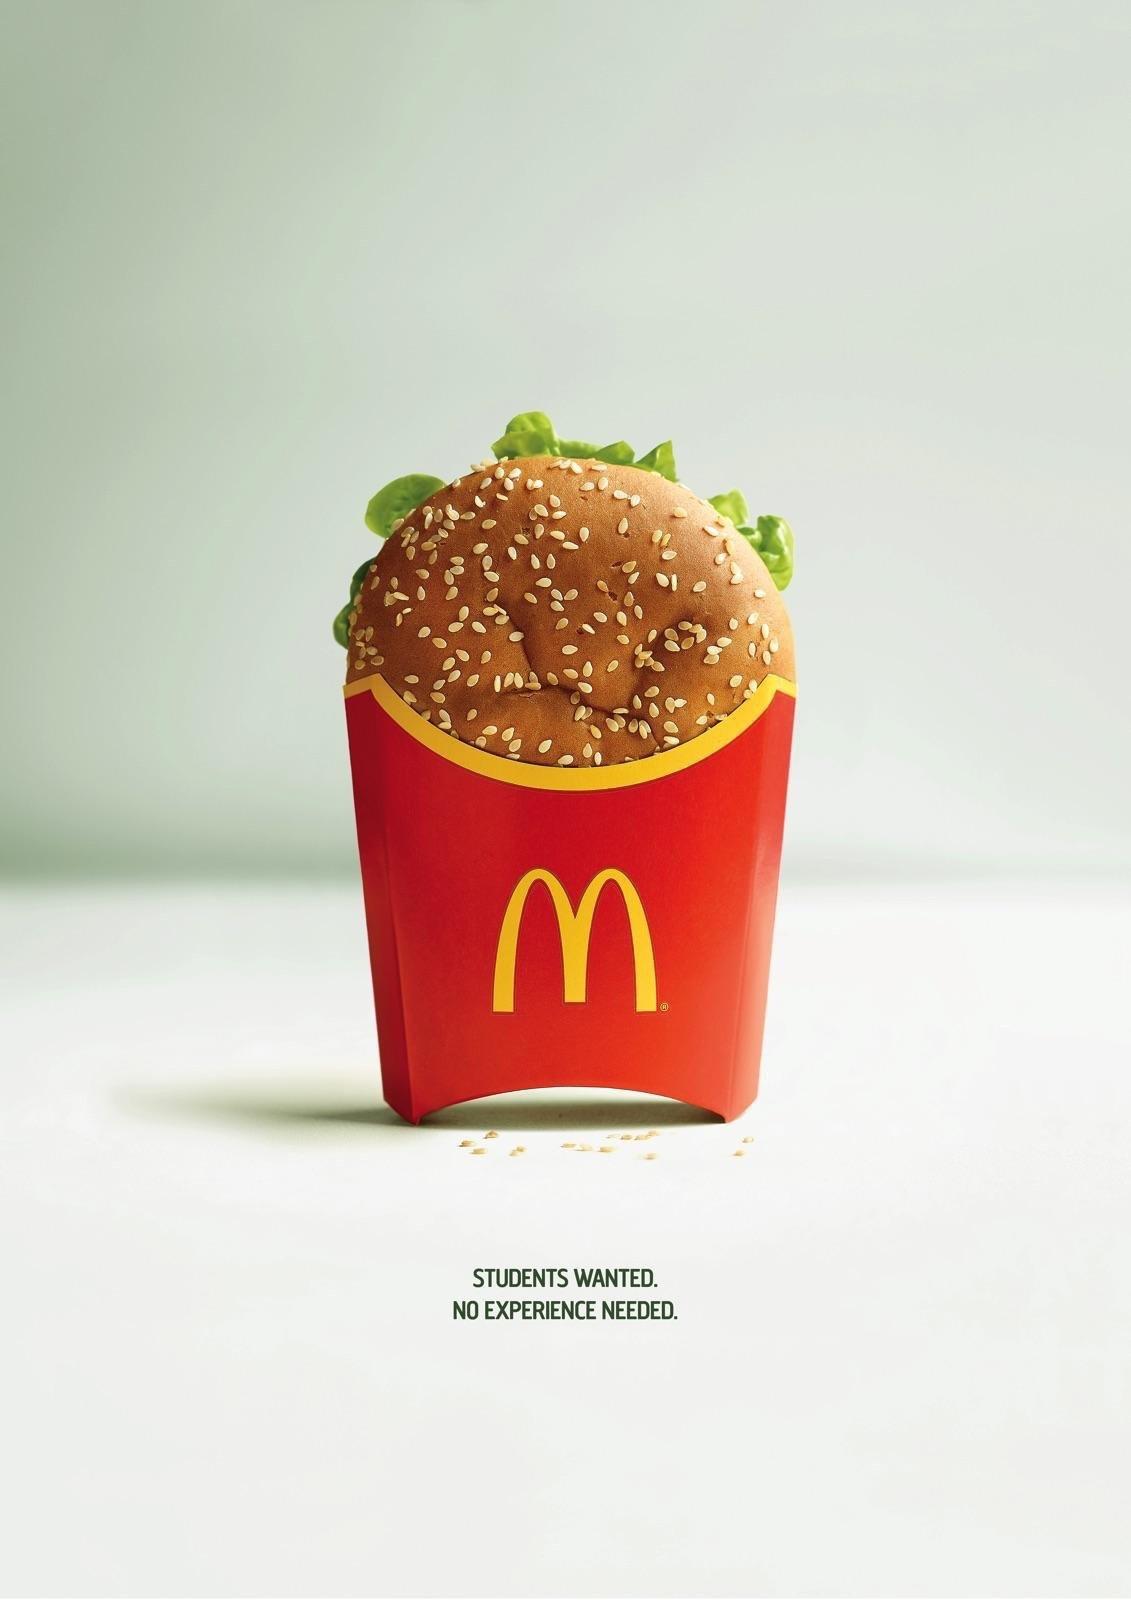 McDonalds Recruitment Ad